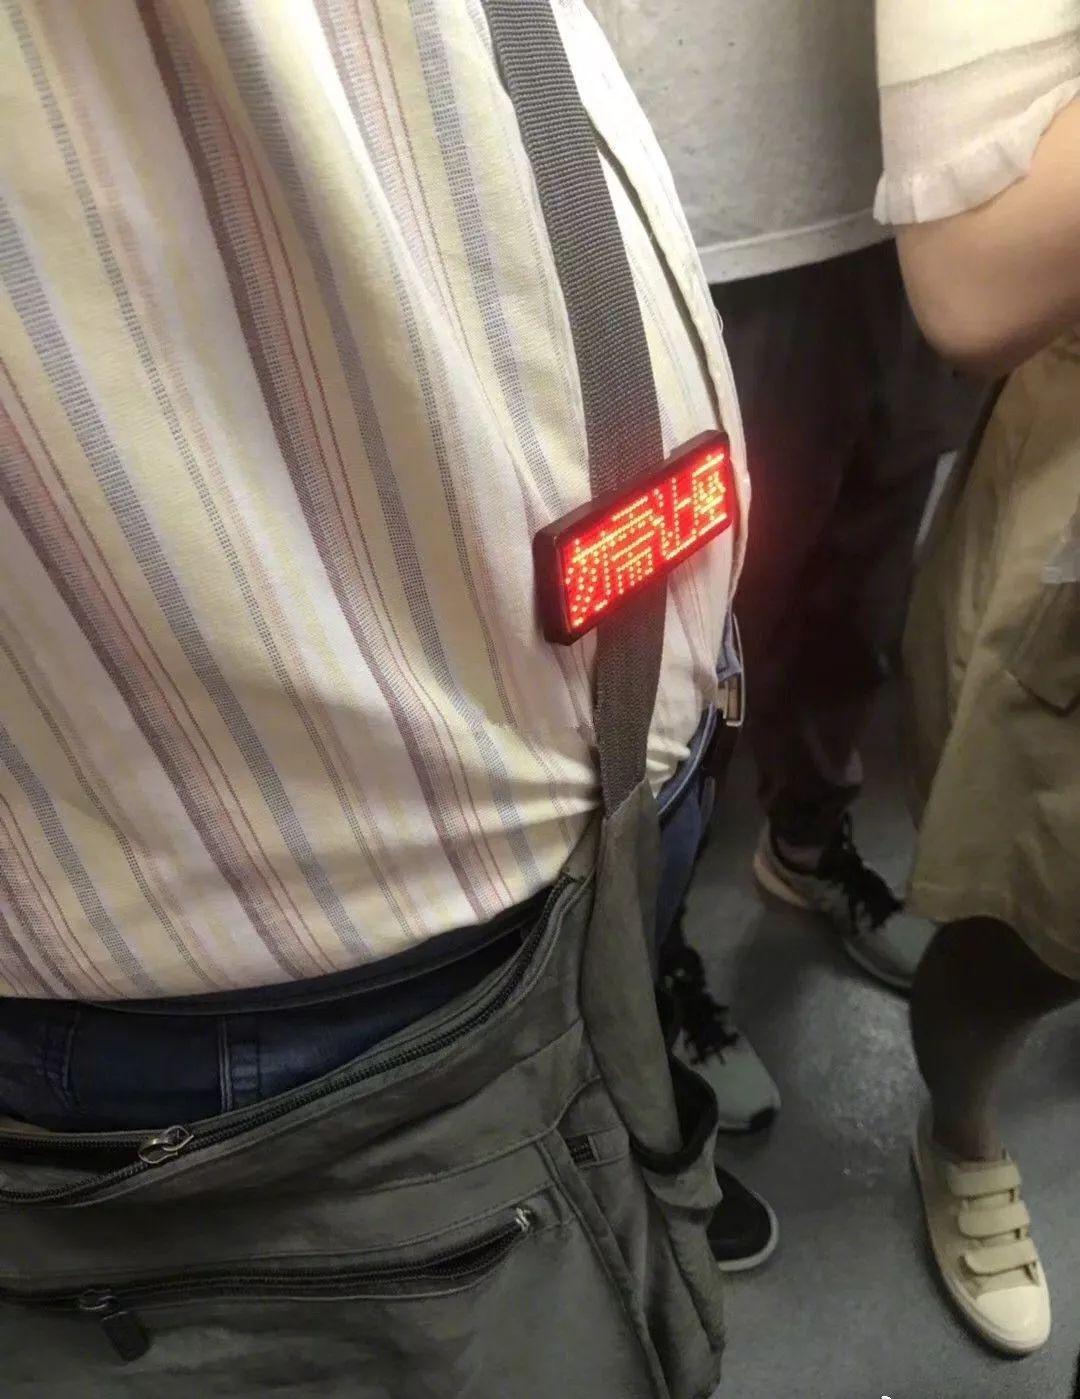 <b>76岁大爷挂牌乘地铁, 牌上四个字震惊所有乘客: 这一幕,深深的敬意...</b>